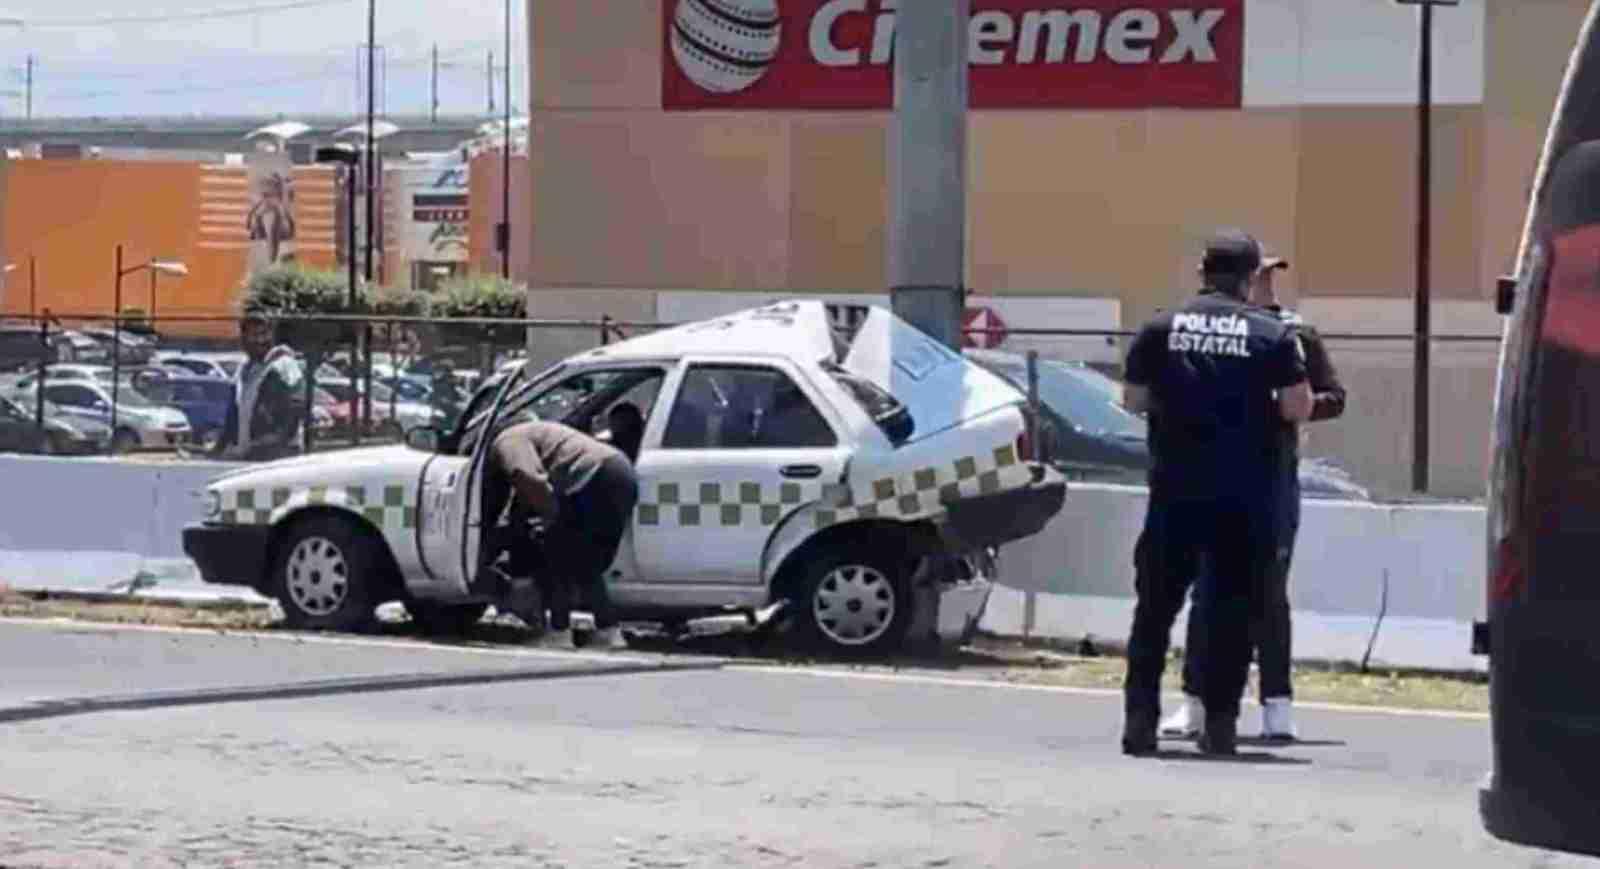 Se registra choque de un taxi contra el muro de contención en lerma a la altura de las plazas outlet